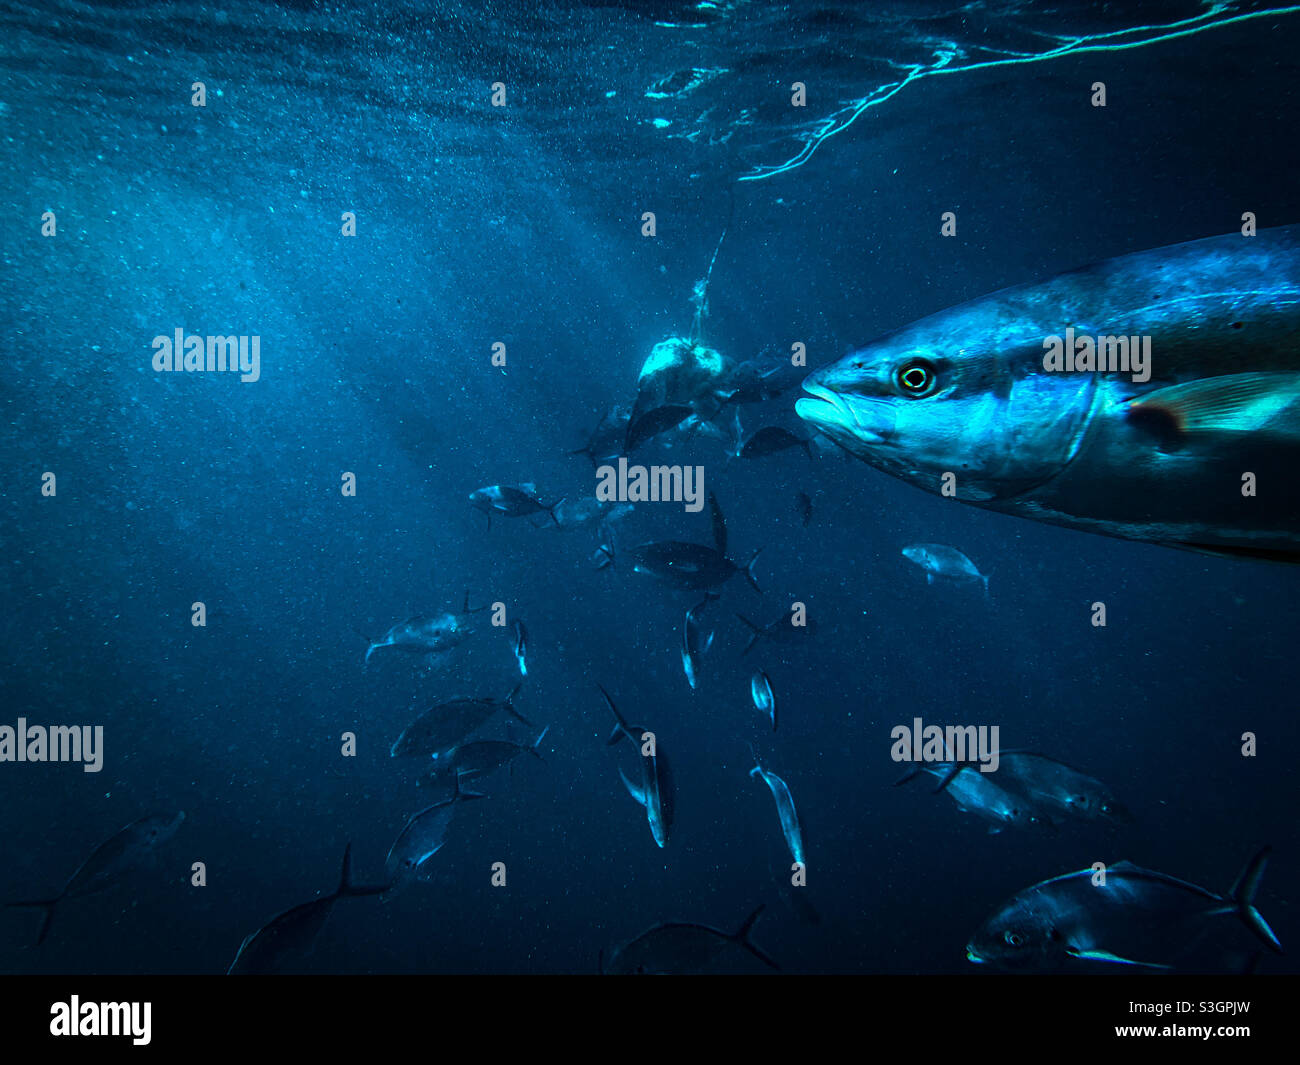 Unter Wasser Aufnahme des australischen Gelbschwanzkönigsfisches Seriola lalandi und des silbernen Trevally Pseudocaranx georgianus, der zusammen um einen Köder in tiefem Wasser schwimmt Stockfoto